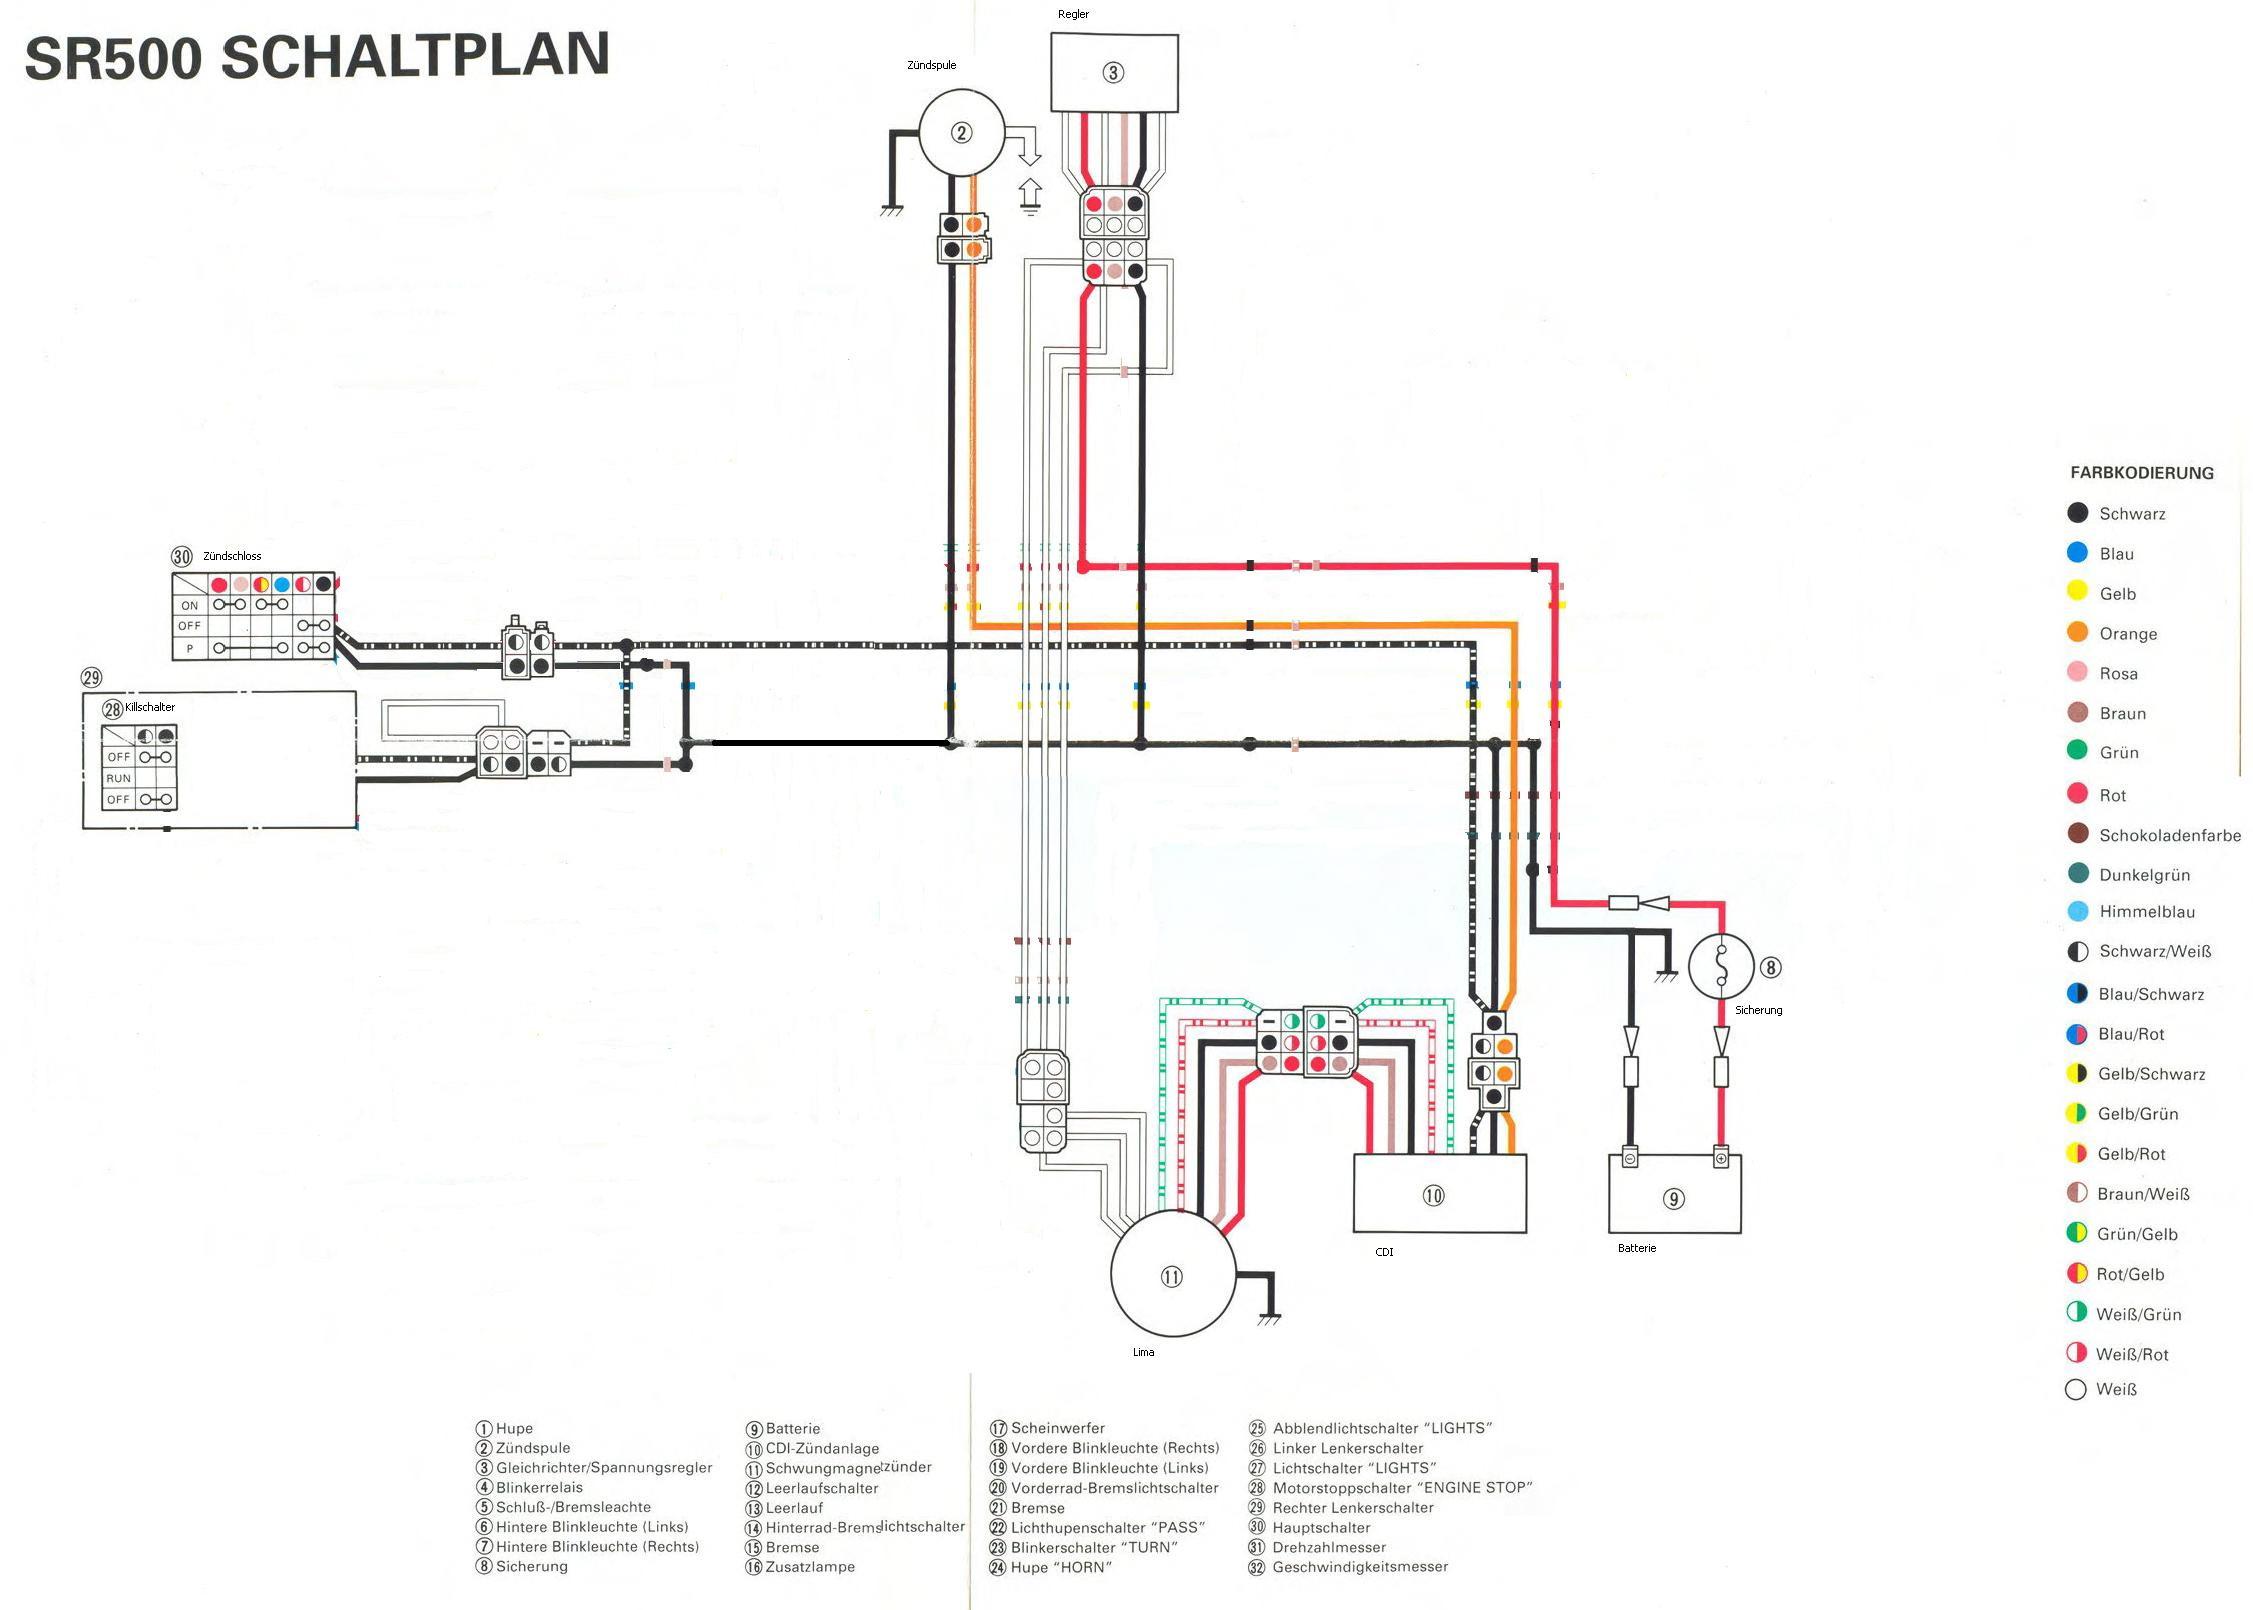 Schön Einfacher Elektronischer Schaltplan Ideen - Schaltplan Serie ...